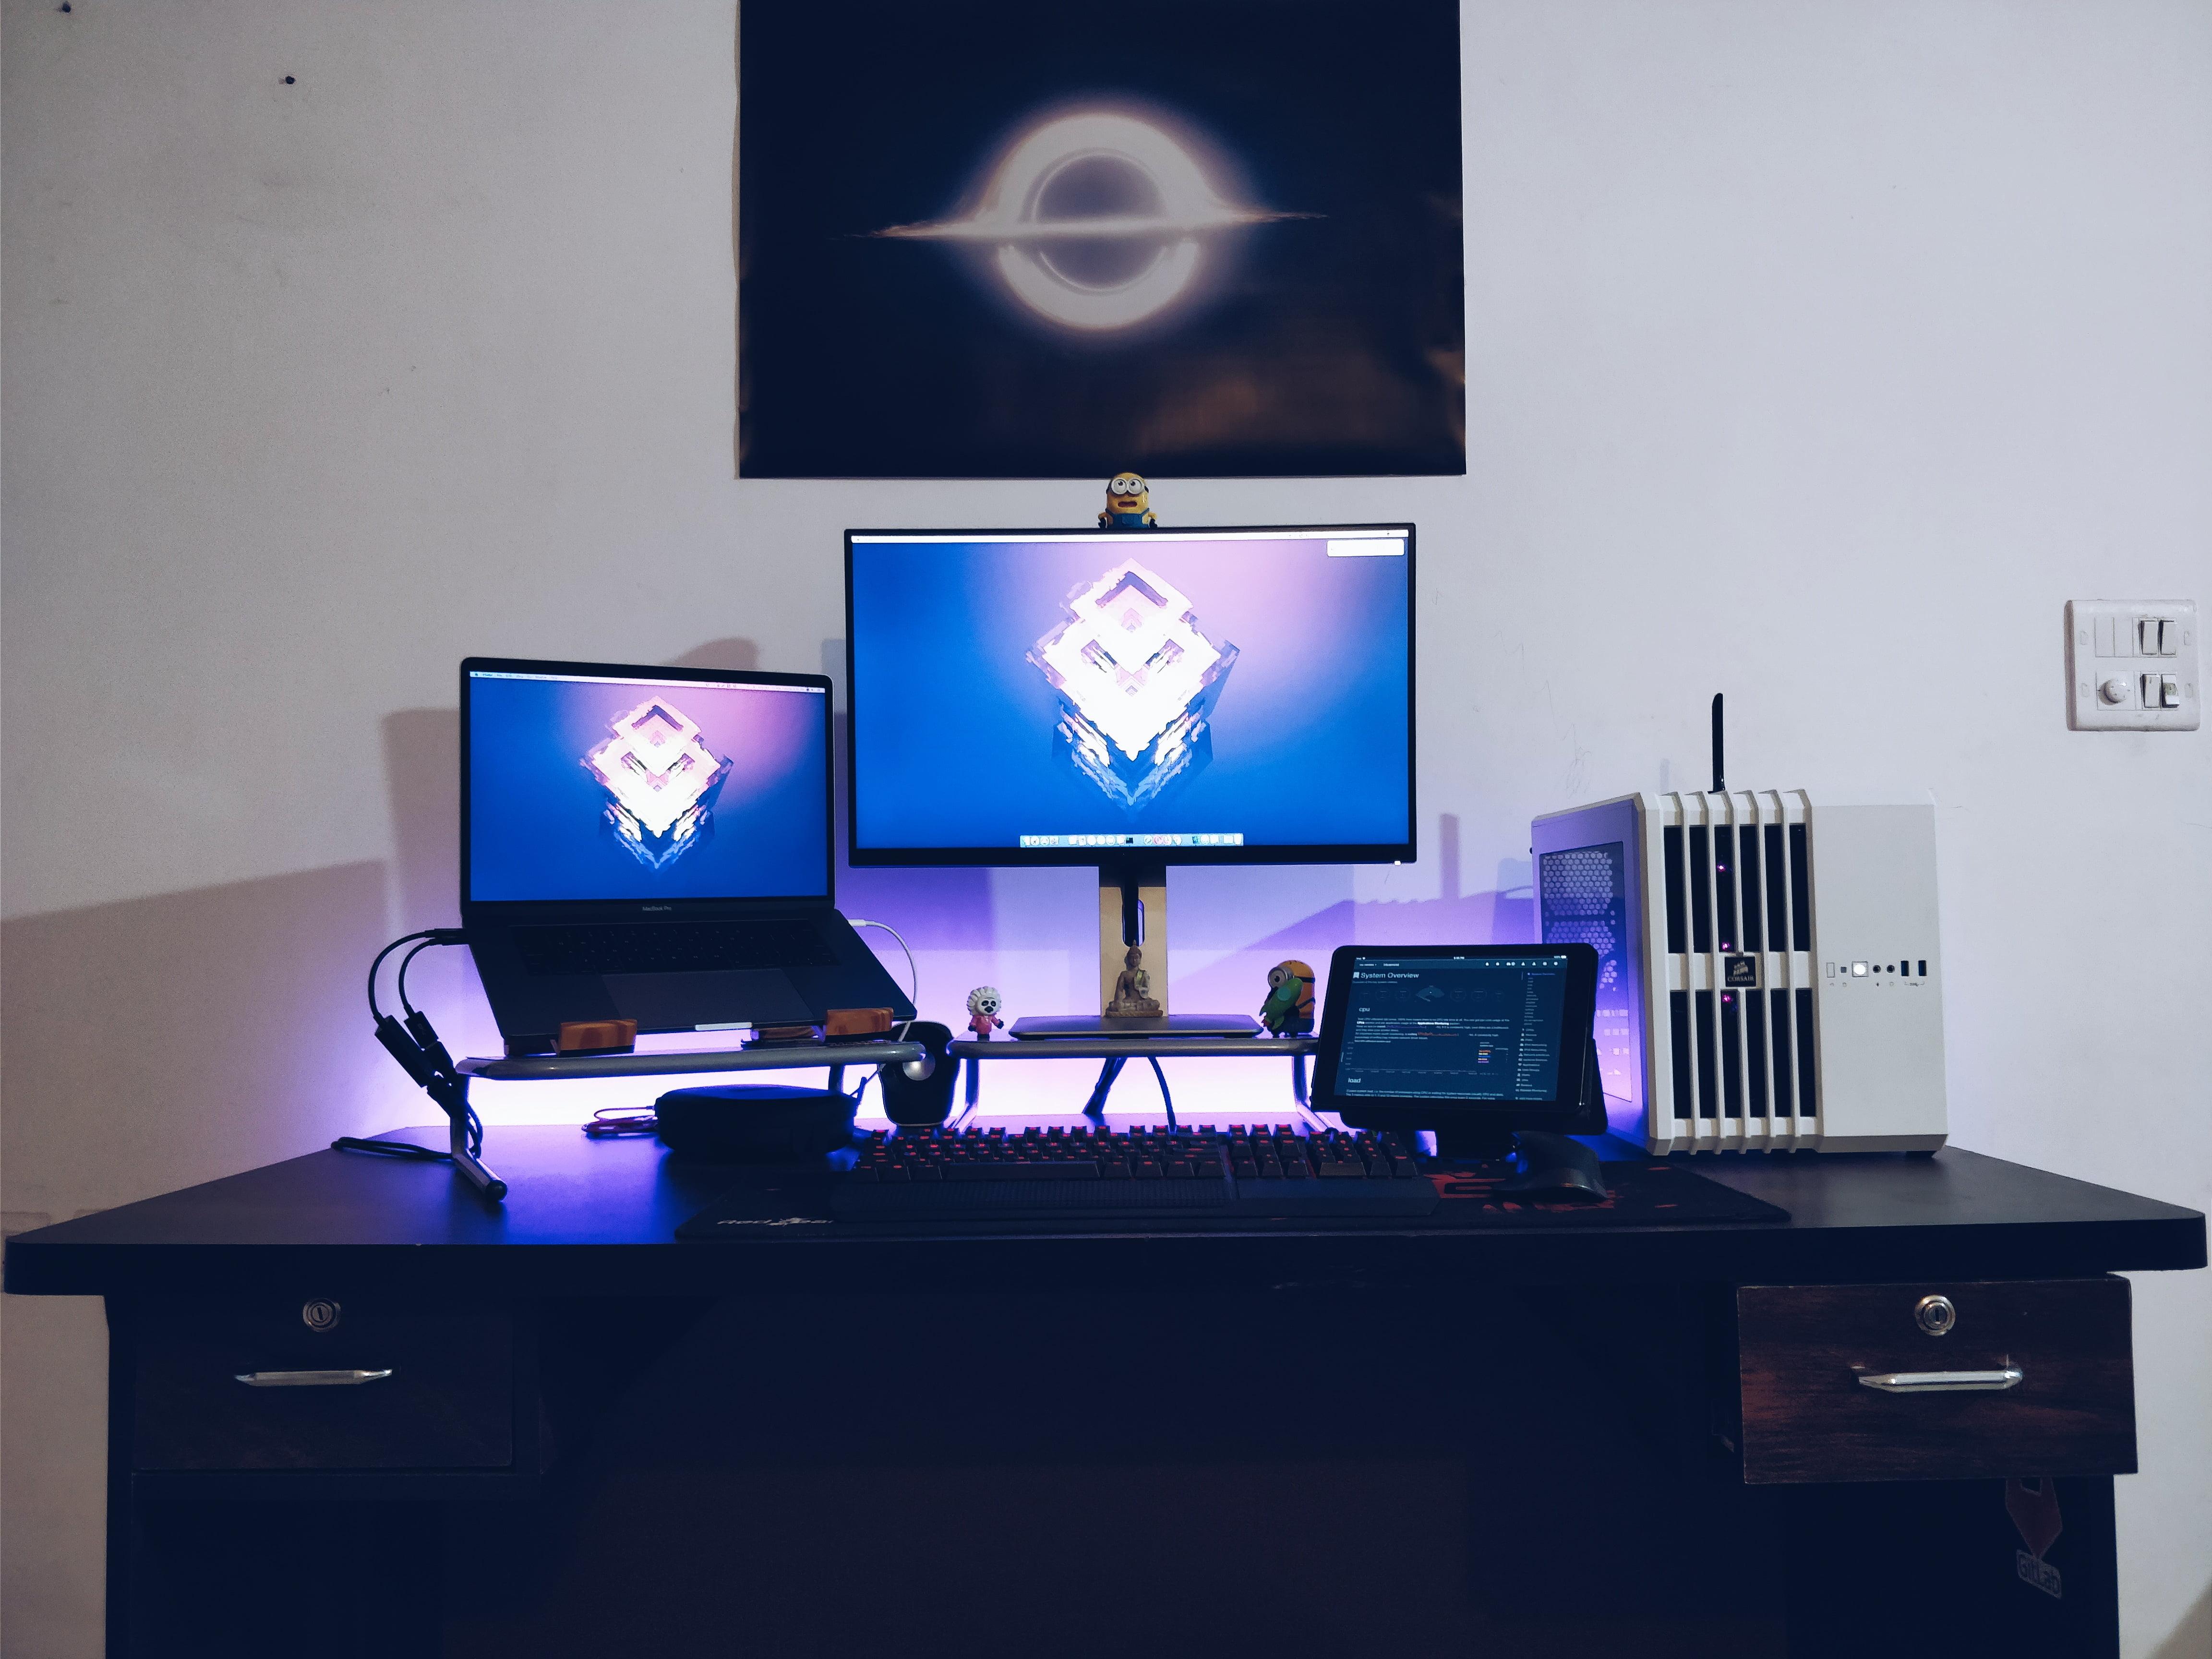 Kushal Pandya's Desk